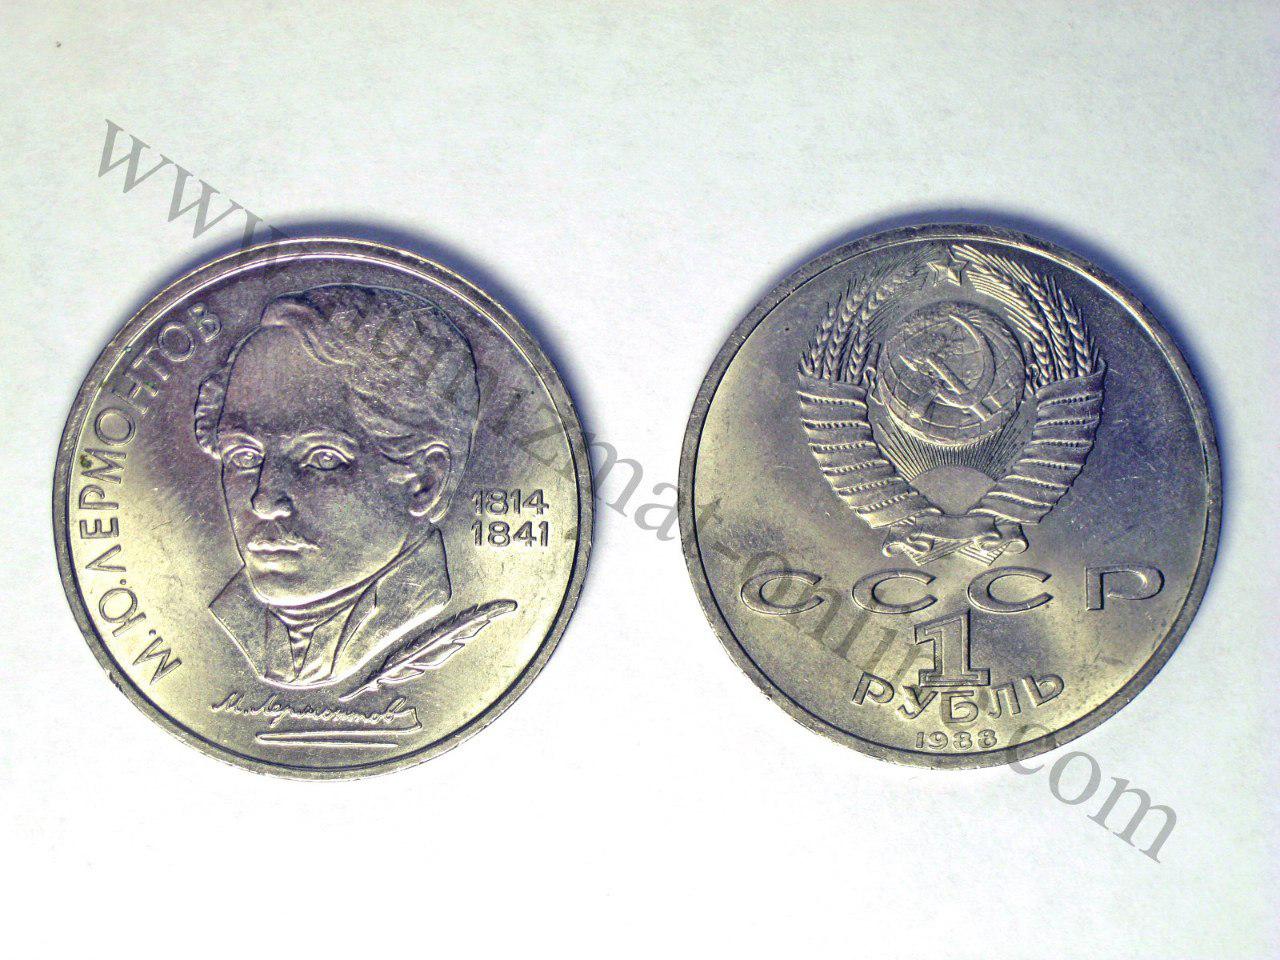 1989 (1 рубль) 175 лет со дня рождения М.Ю. Лермонтова